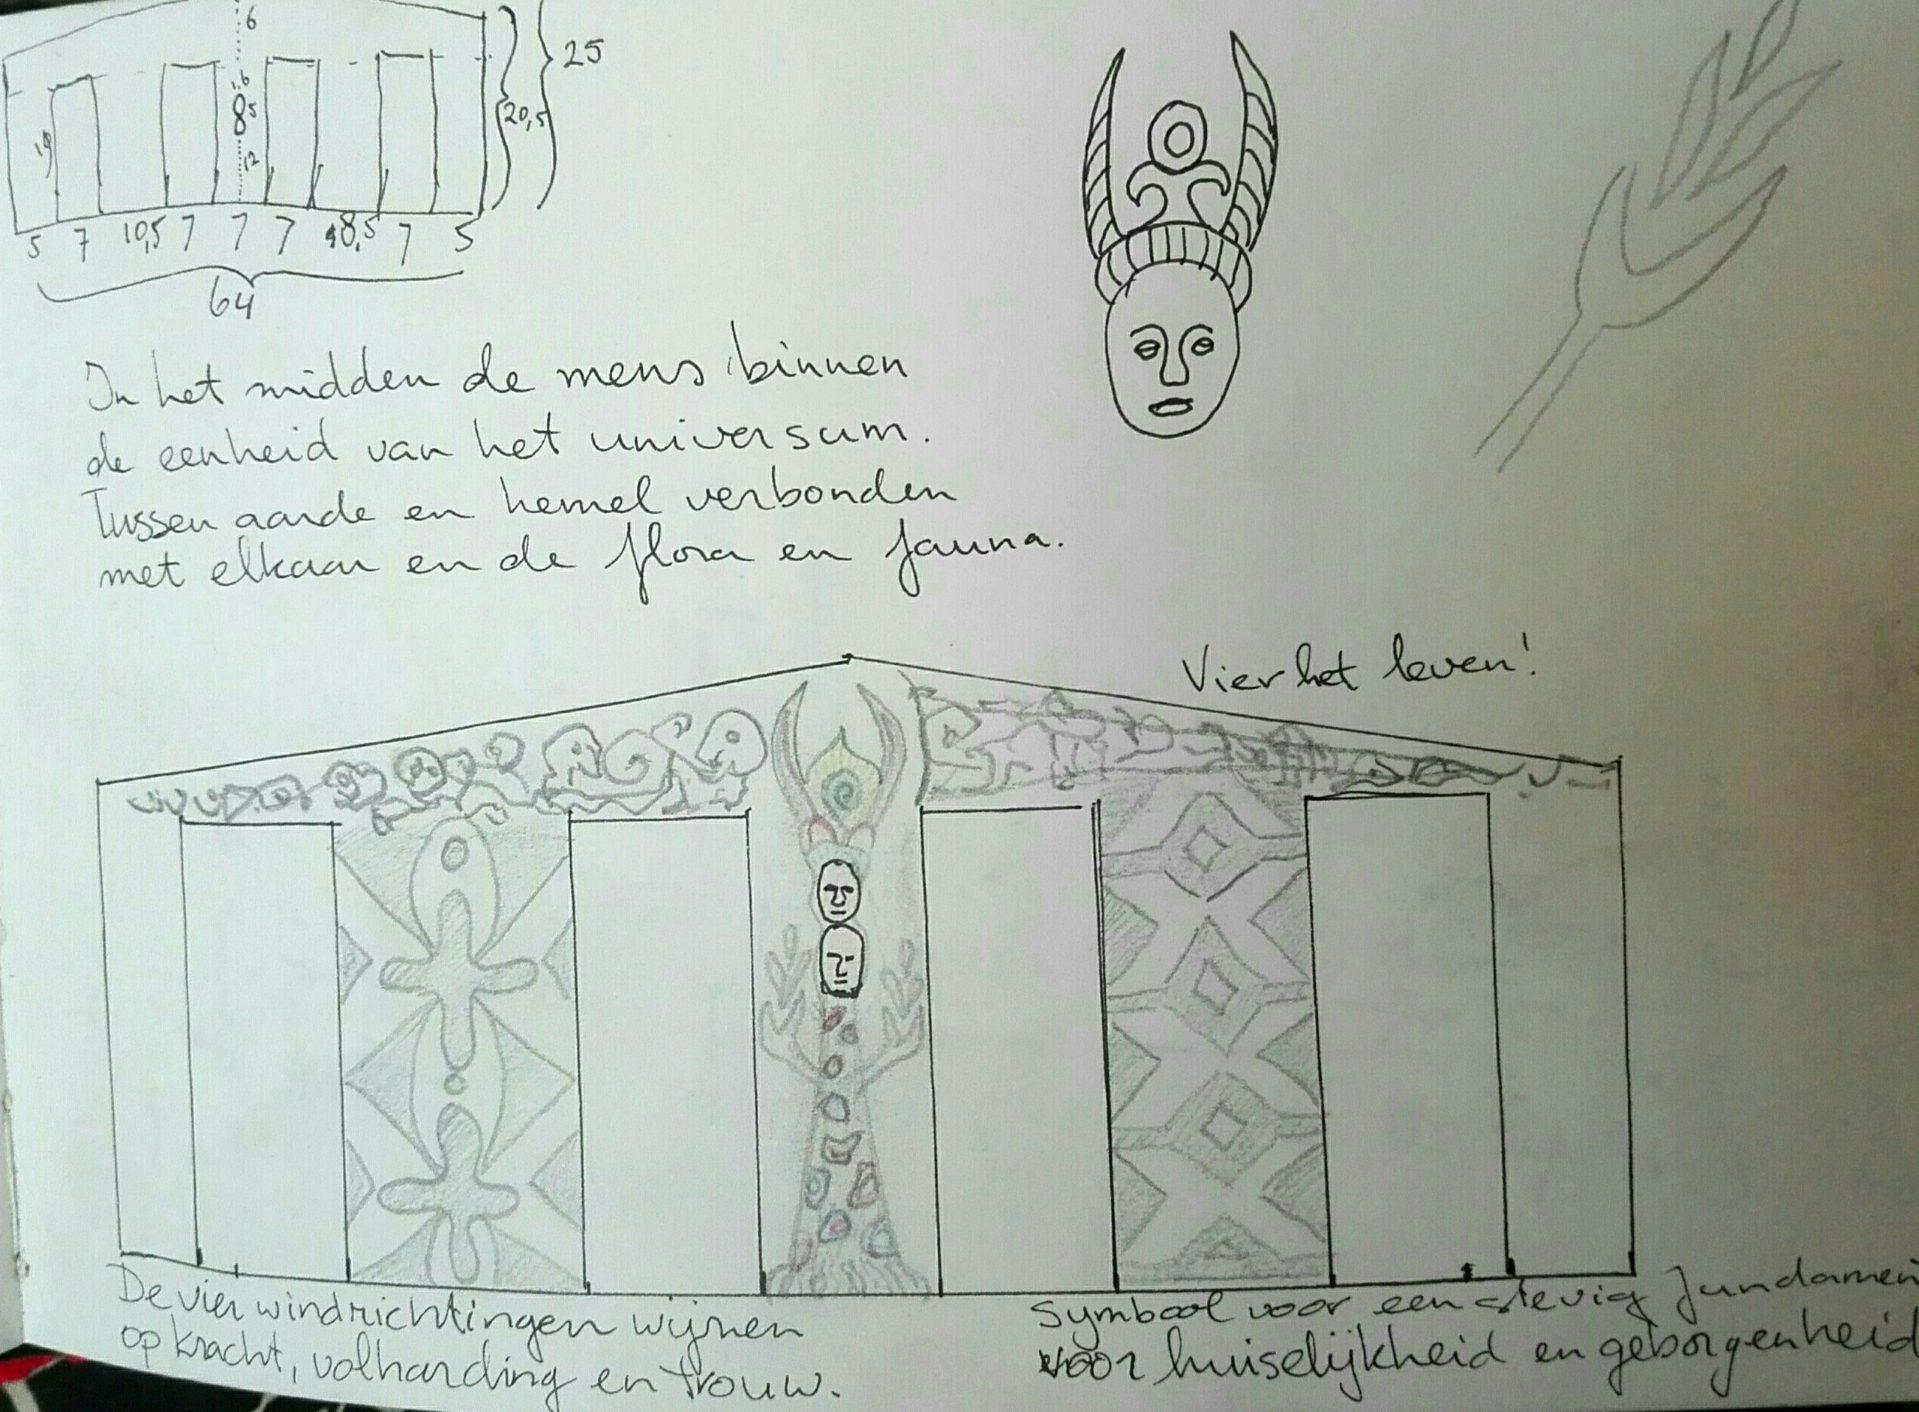 ontwerp-mural-soforal-maart2020-e1584026319656